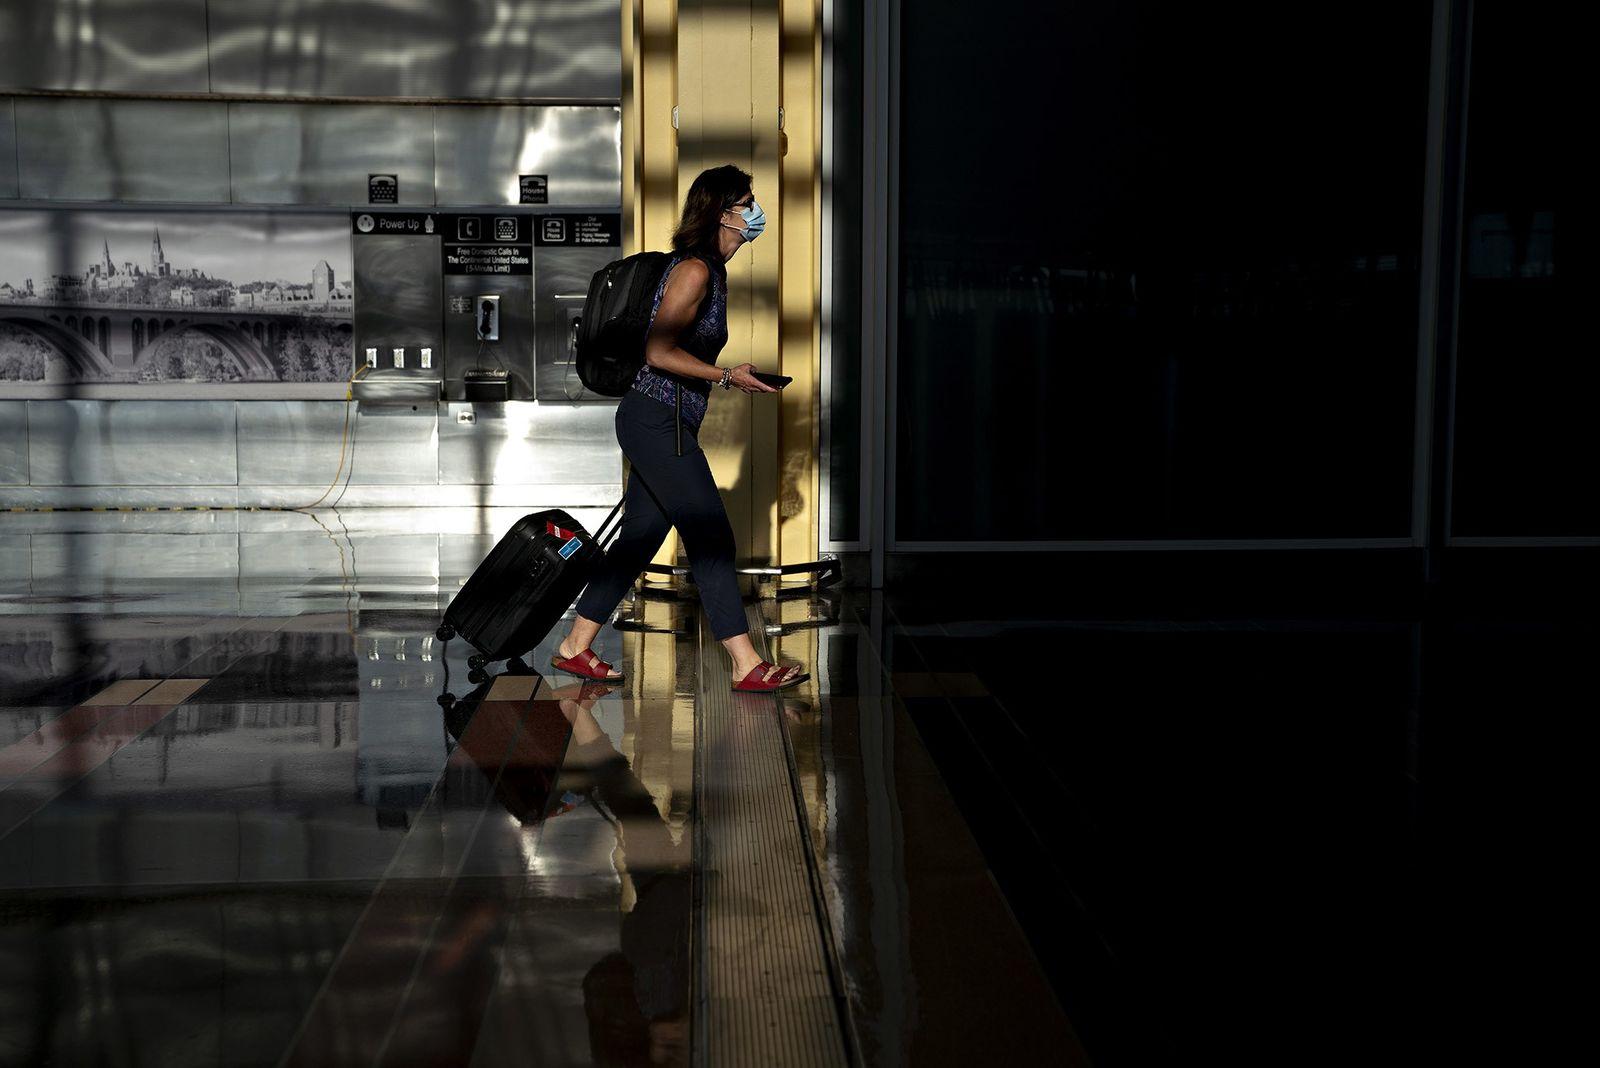 Si tienes que viajar durante la pandemia, así puedes hacerlo de forma más segura